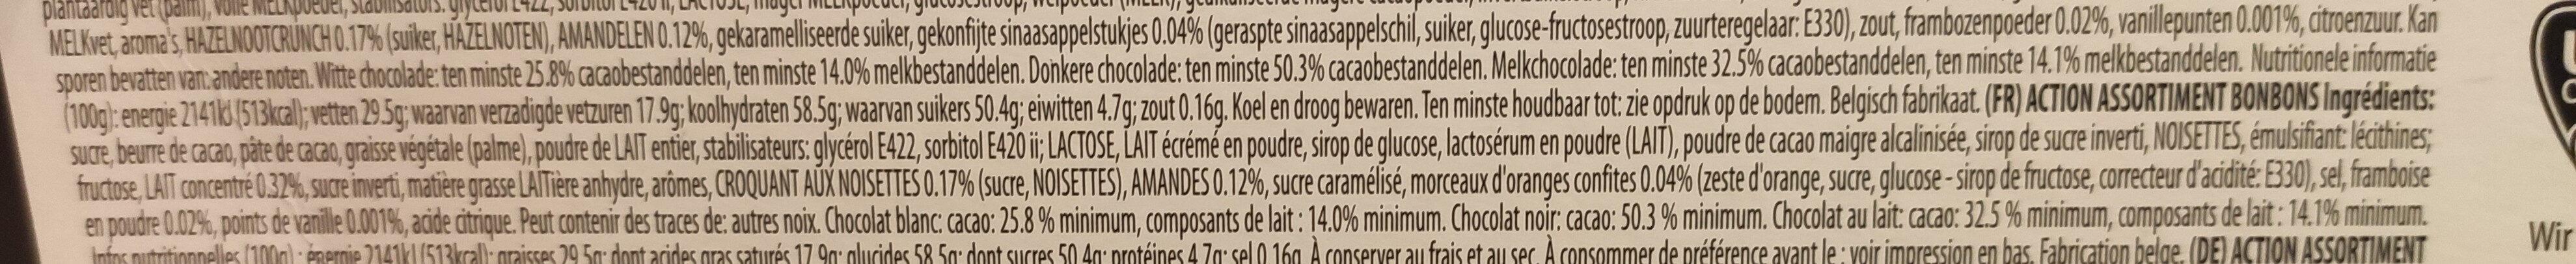 Prestige of belgium - Ingredients